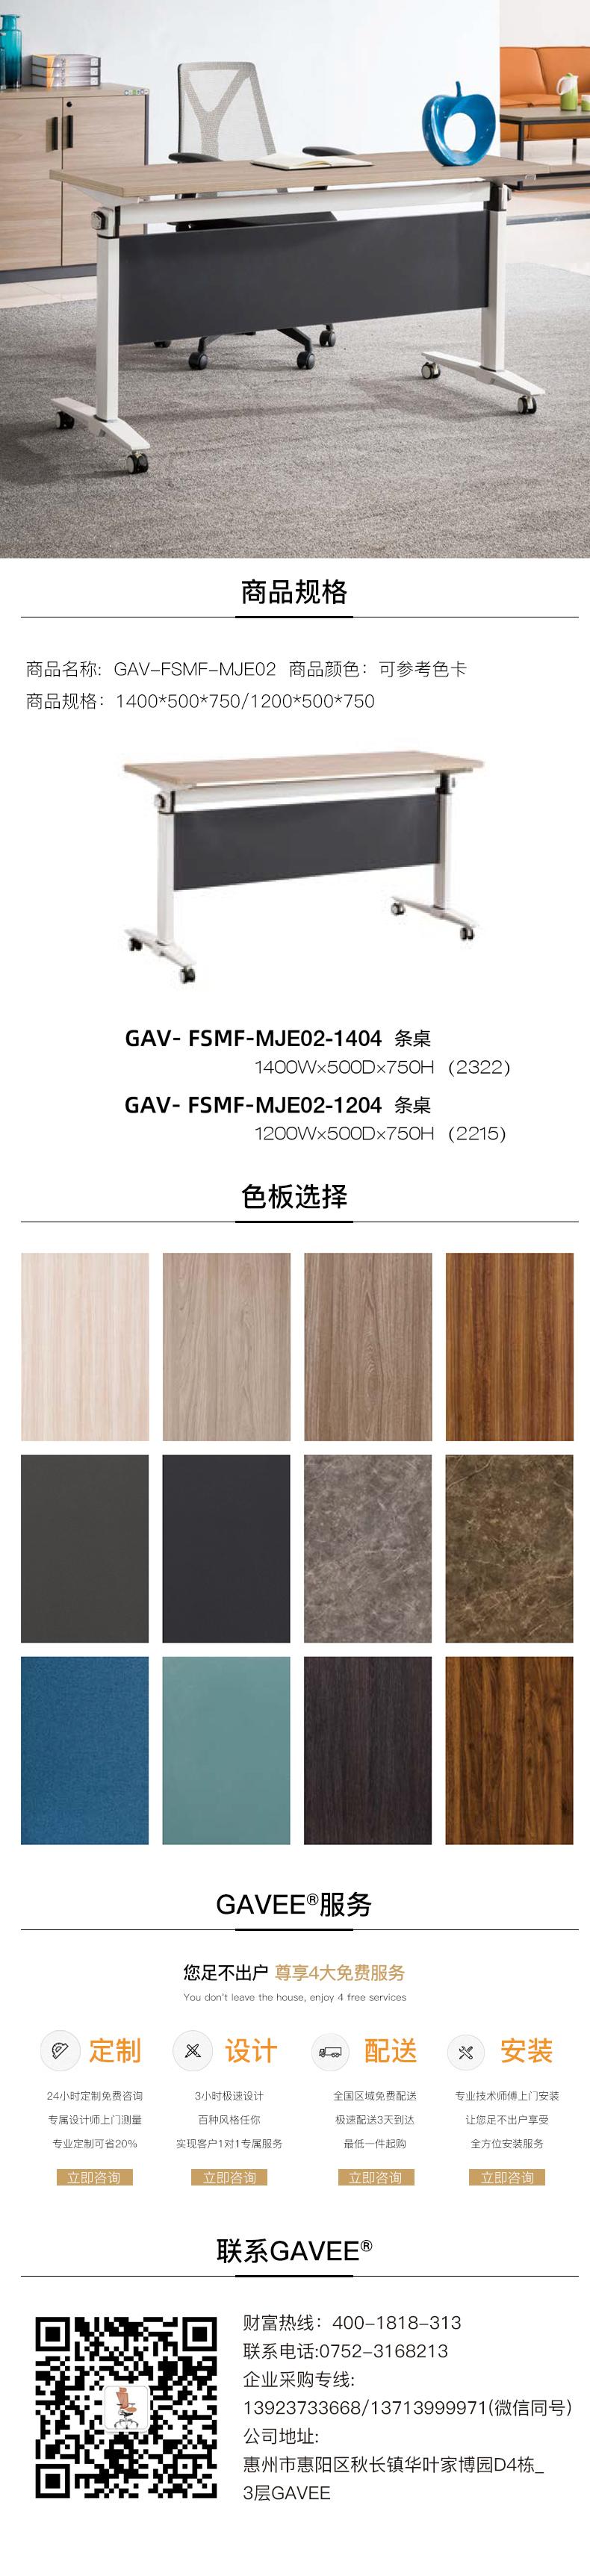 會議培訓系統GAV-FSMF-MJE02.jpg